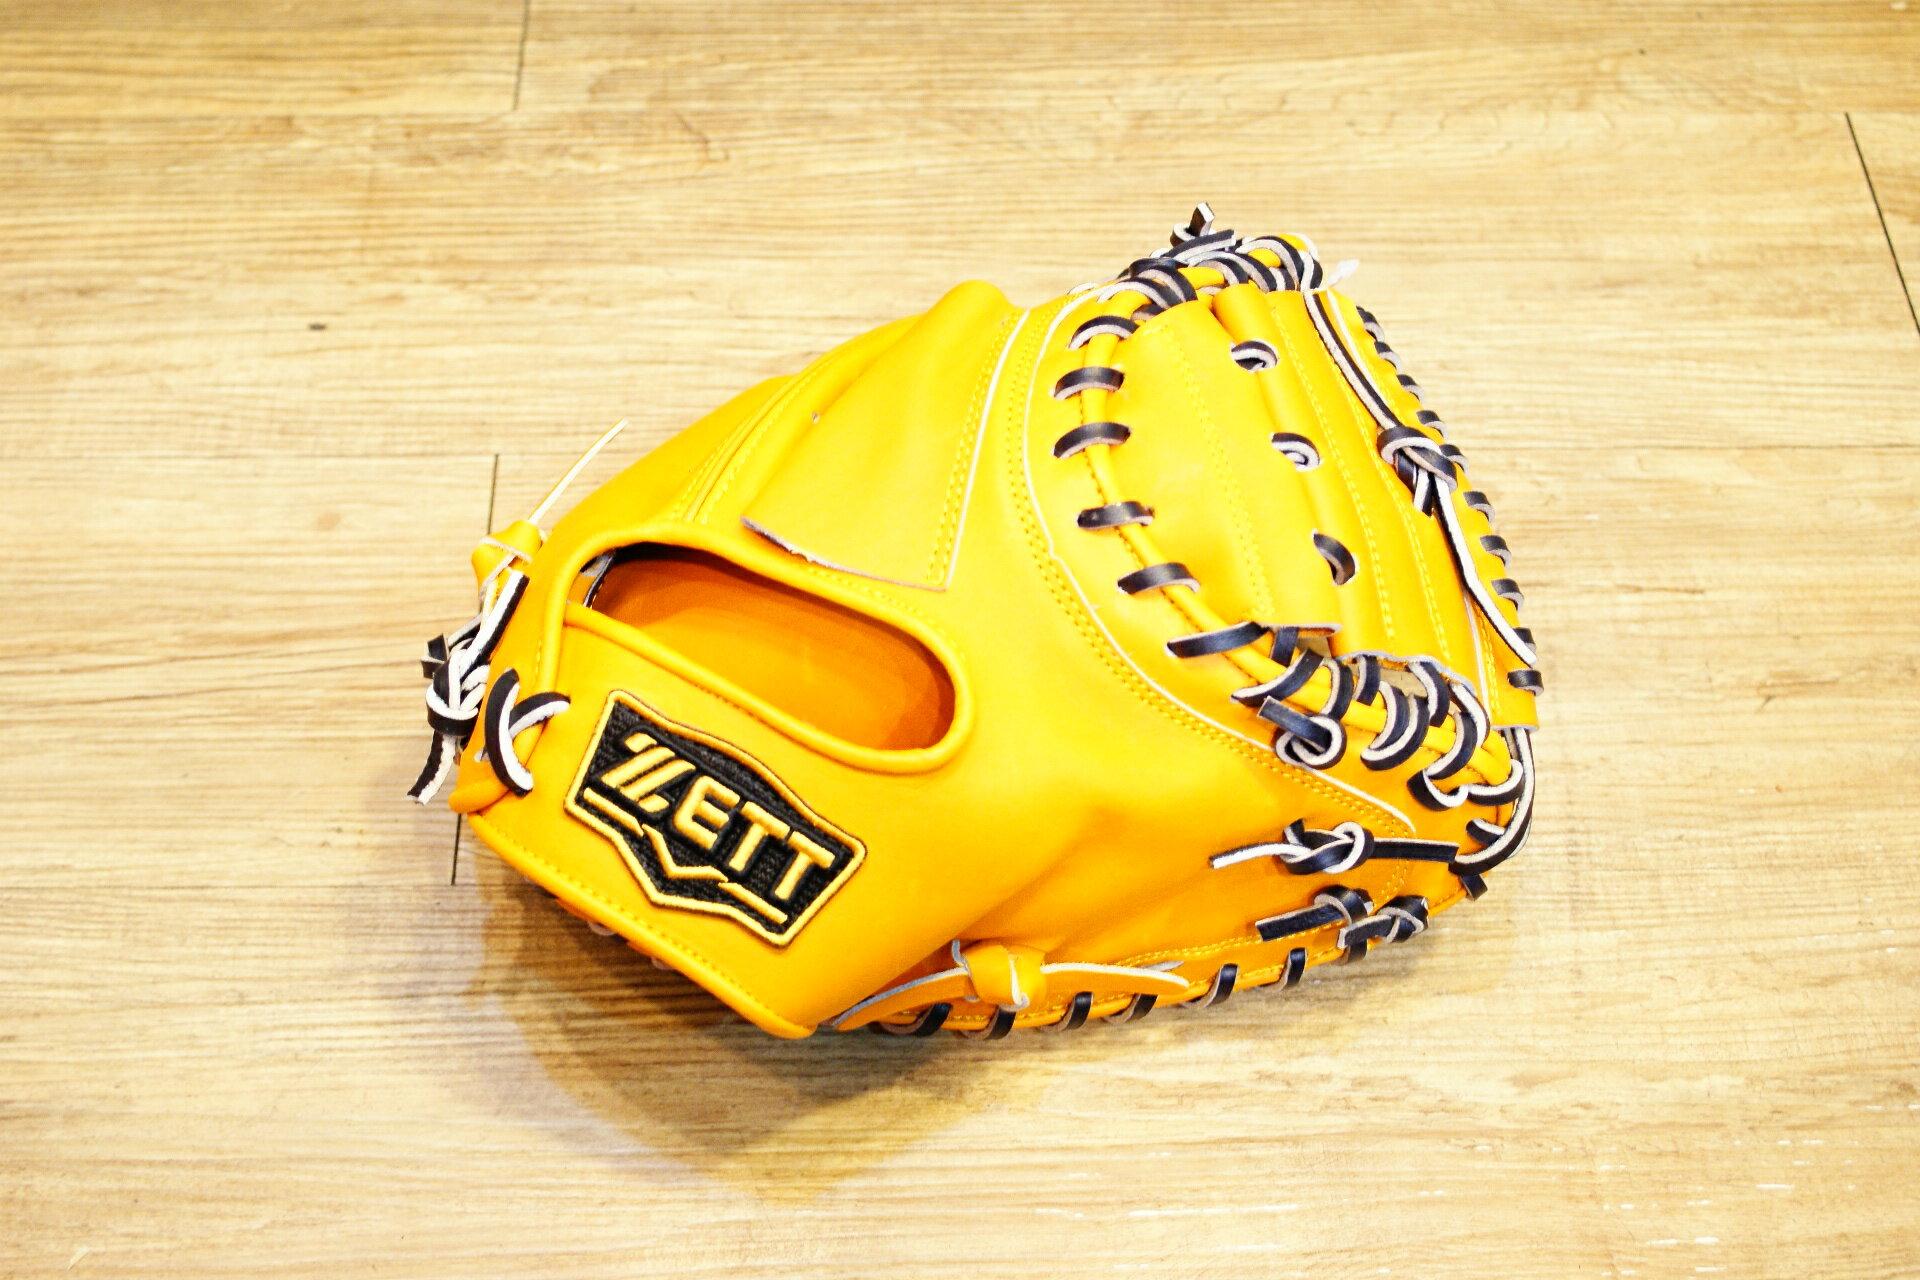 棒球世界 ZETT硬式金標棒球捕手手套 特價 本壘版標 原皮色